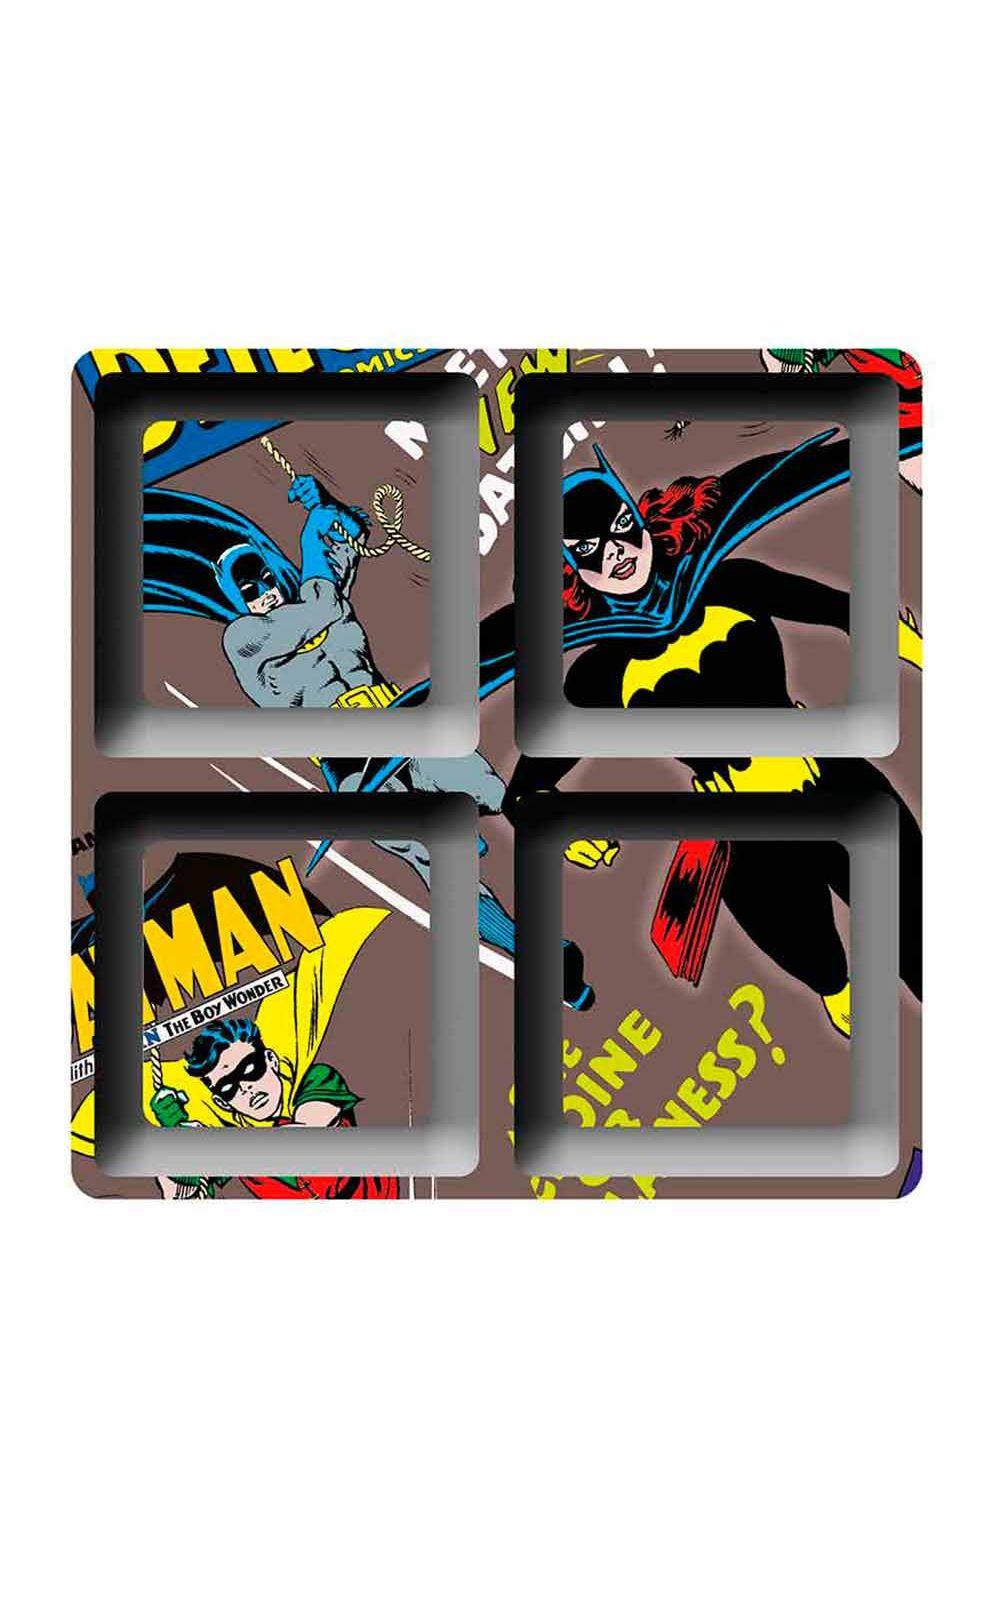 Foto 1 - Petisqueira Quadrada Batgirl Batman Dc Comics Marrom - 4 Divisorias